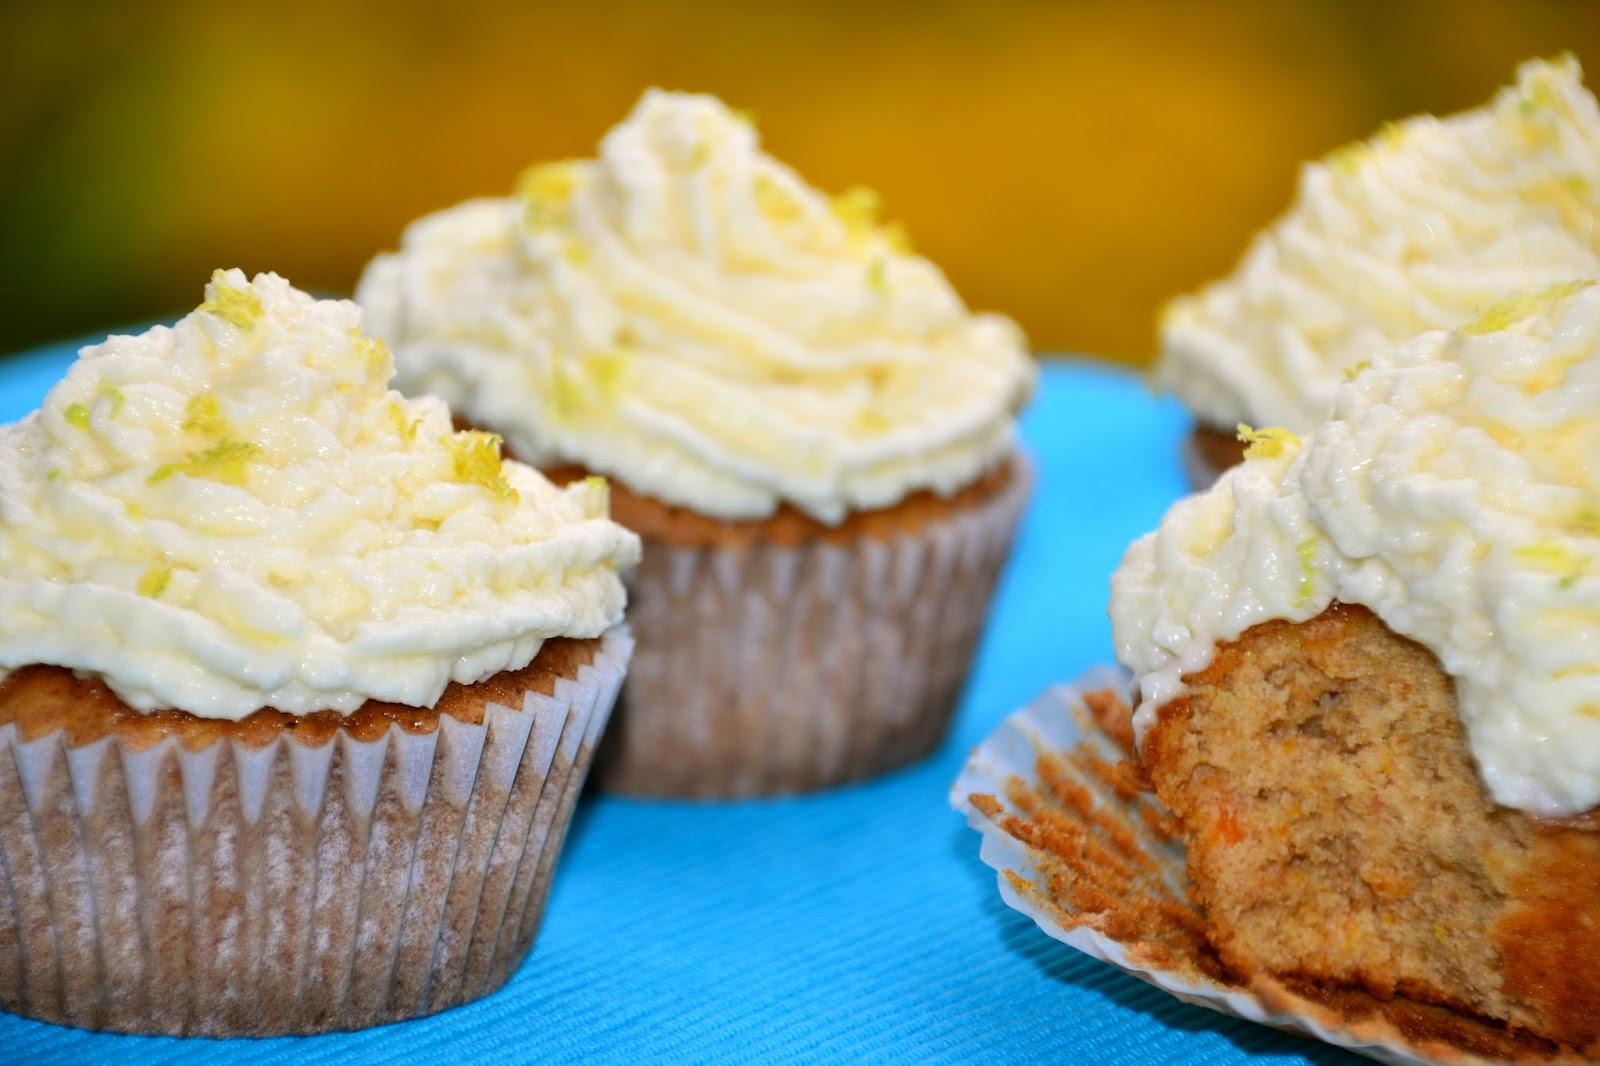 Postres saludables bajos en azúcar y grasa